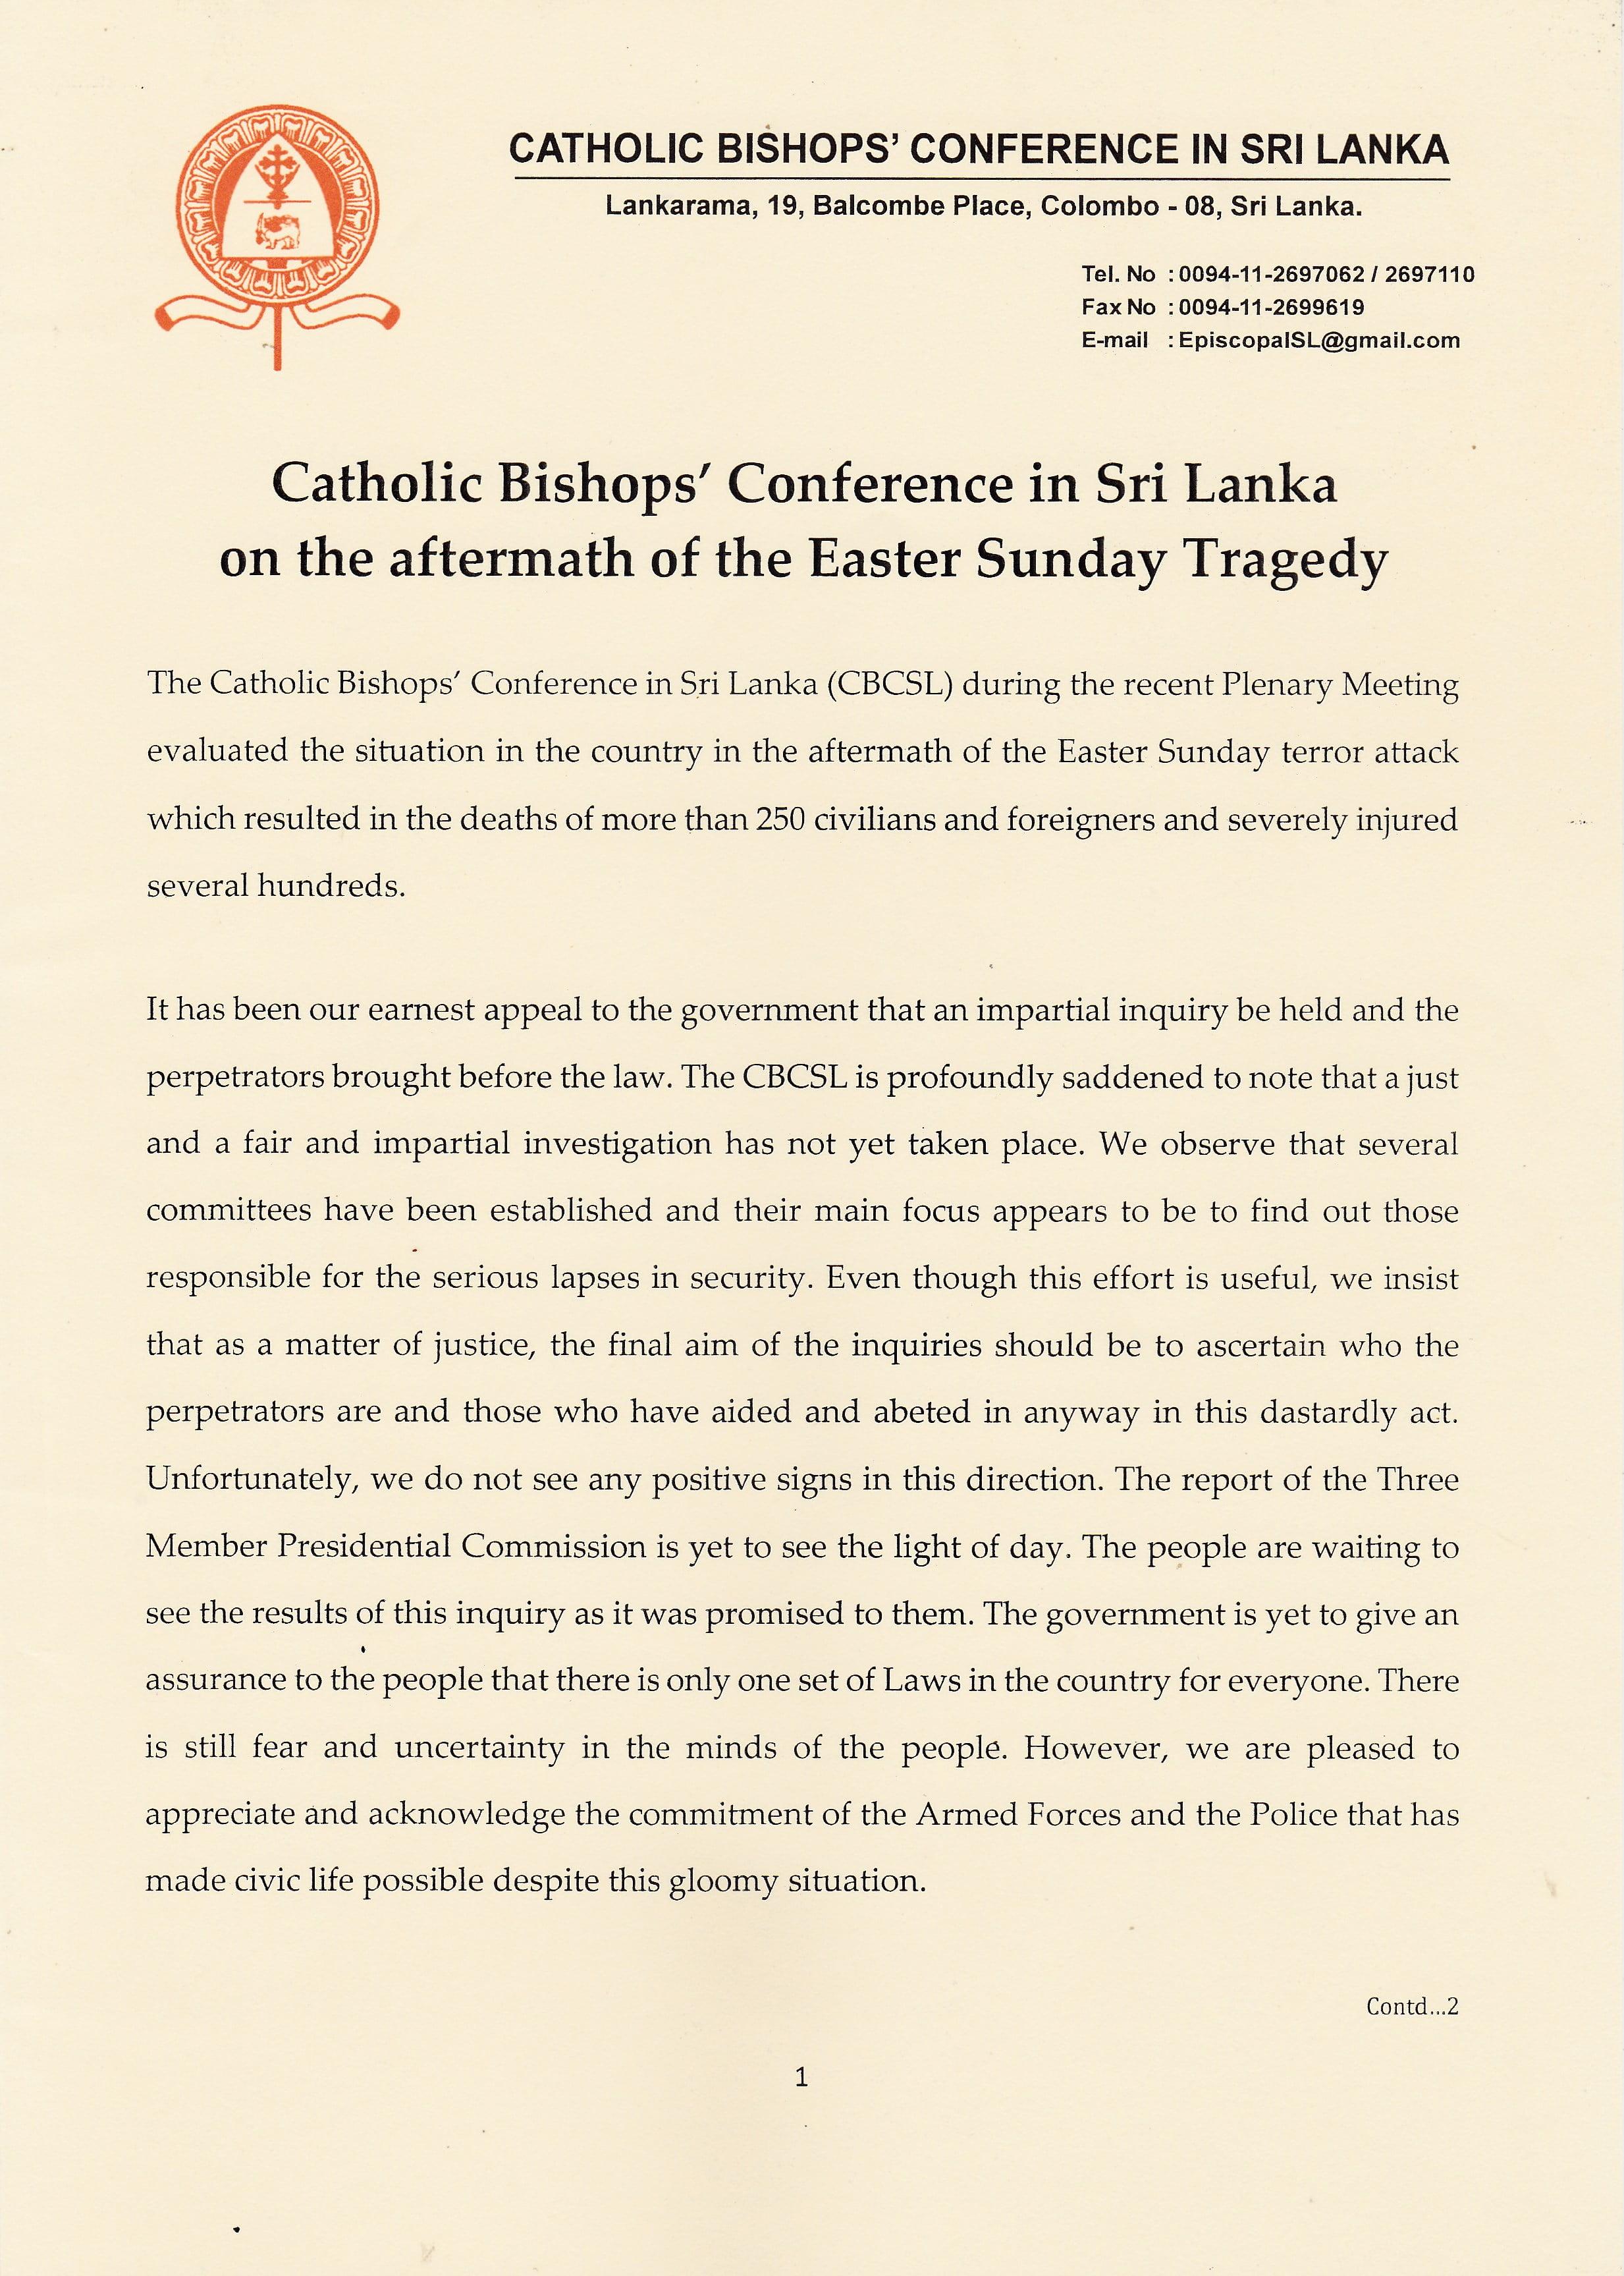 on the aftermath of the easter sunday tragedy english p 1 - Thư kêu gọi của Hội Đồng Giám Mục Sri Lanka Sau Hậu Quả Cuộc Khủng Bố Trong Ngày Chúa Nhật Phục Sinh